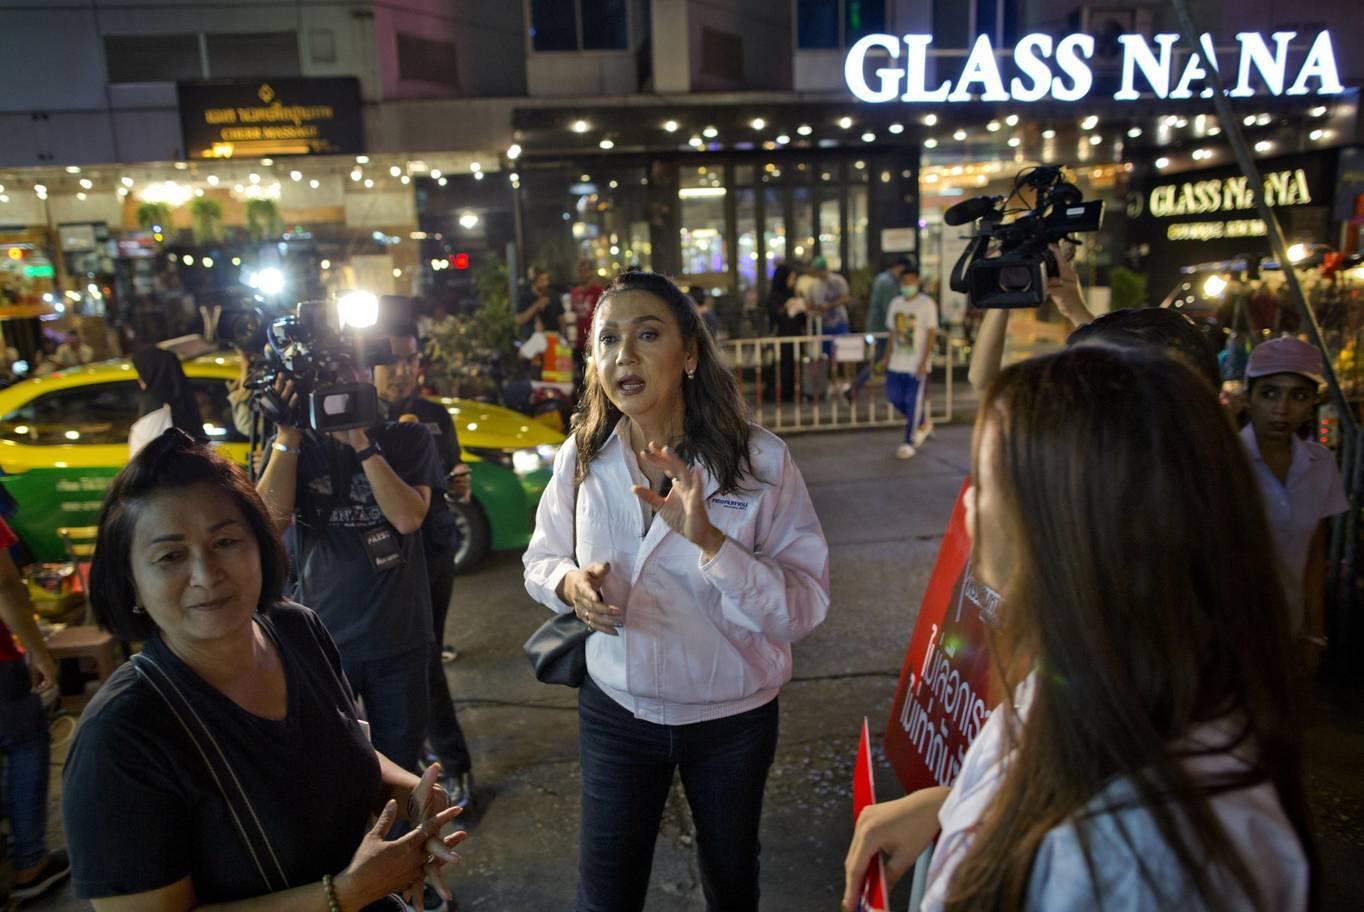 Dung nhan ứng viên chuyển giới tranh ghế thủ tướng Thái Lan